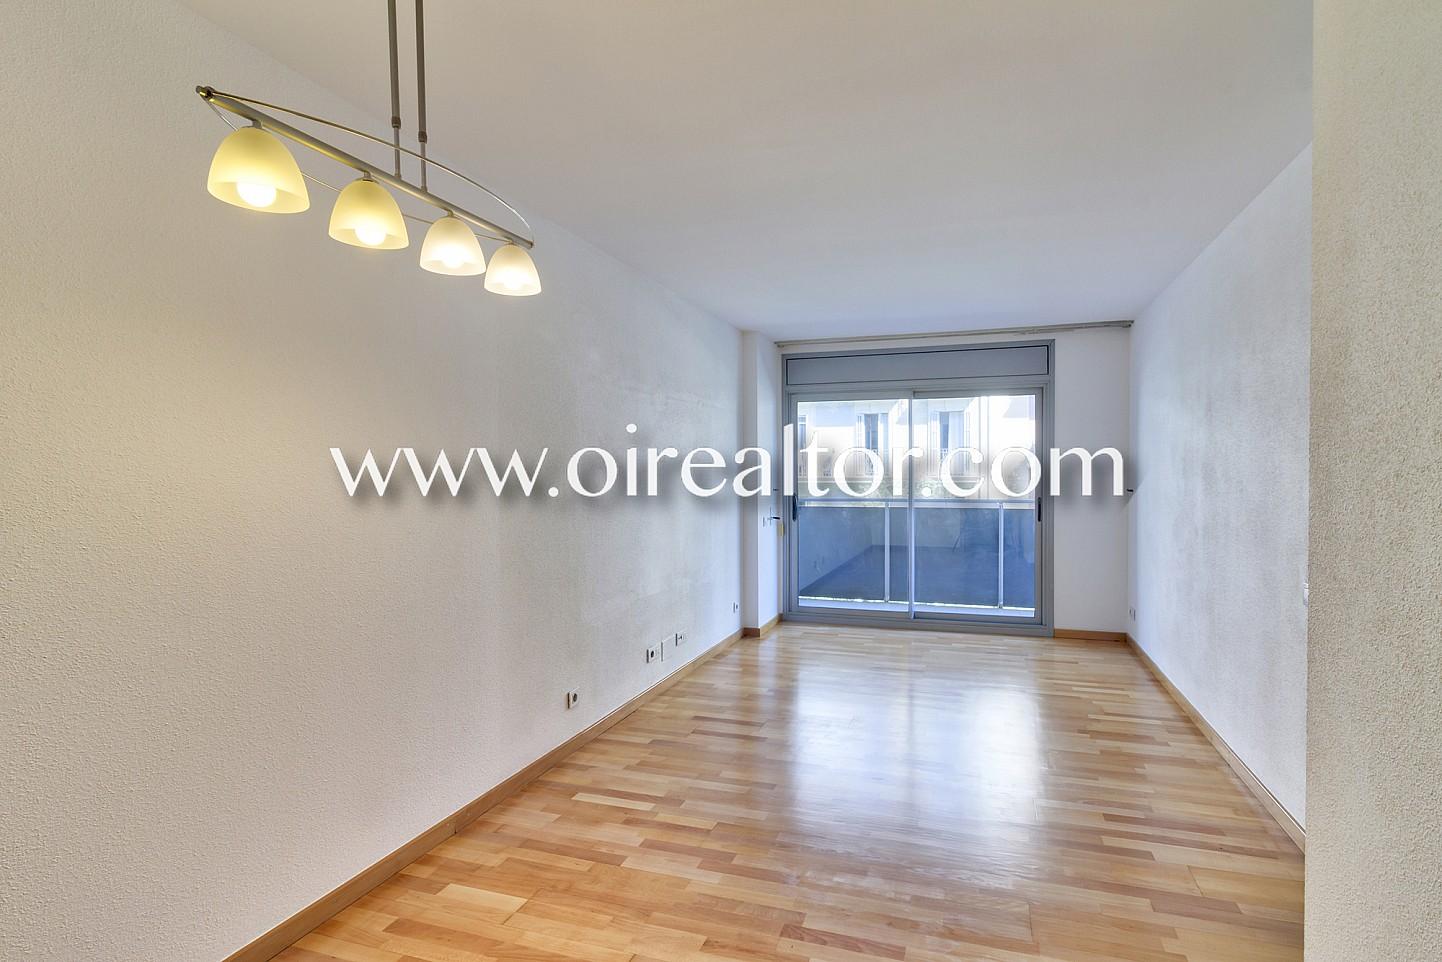 Acogedor piso en eixample izquierdo barcelona oi realtor - Vivir en un segundo piso ...